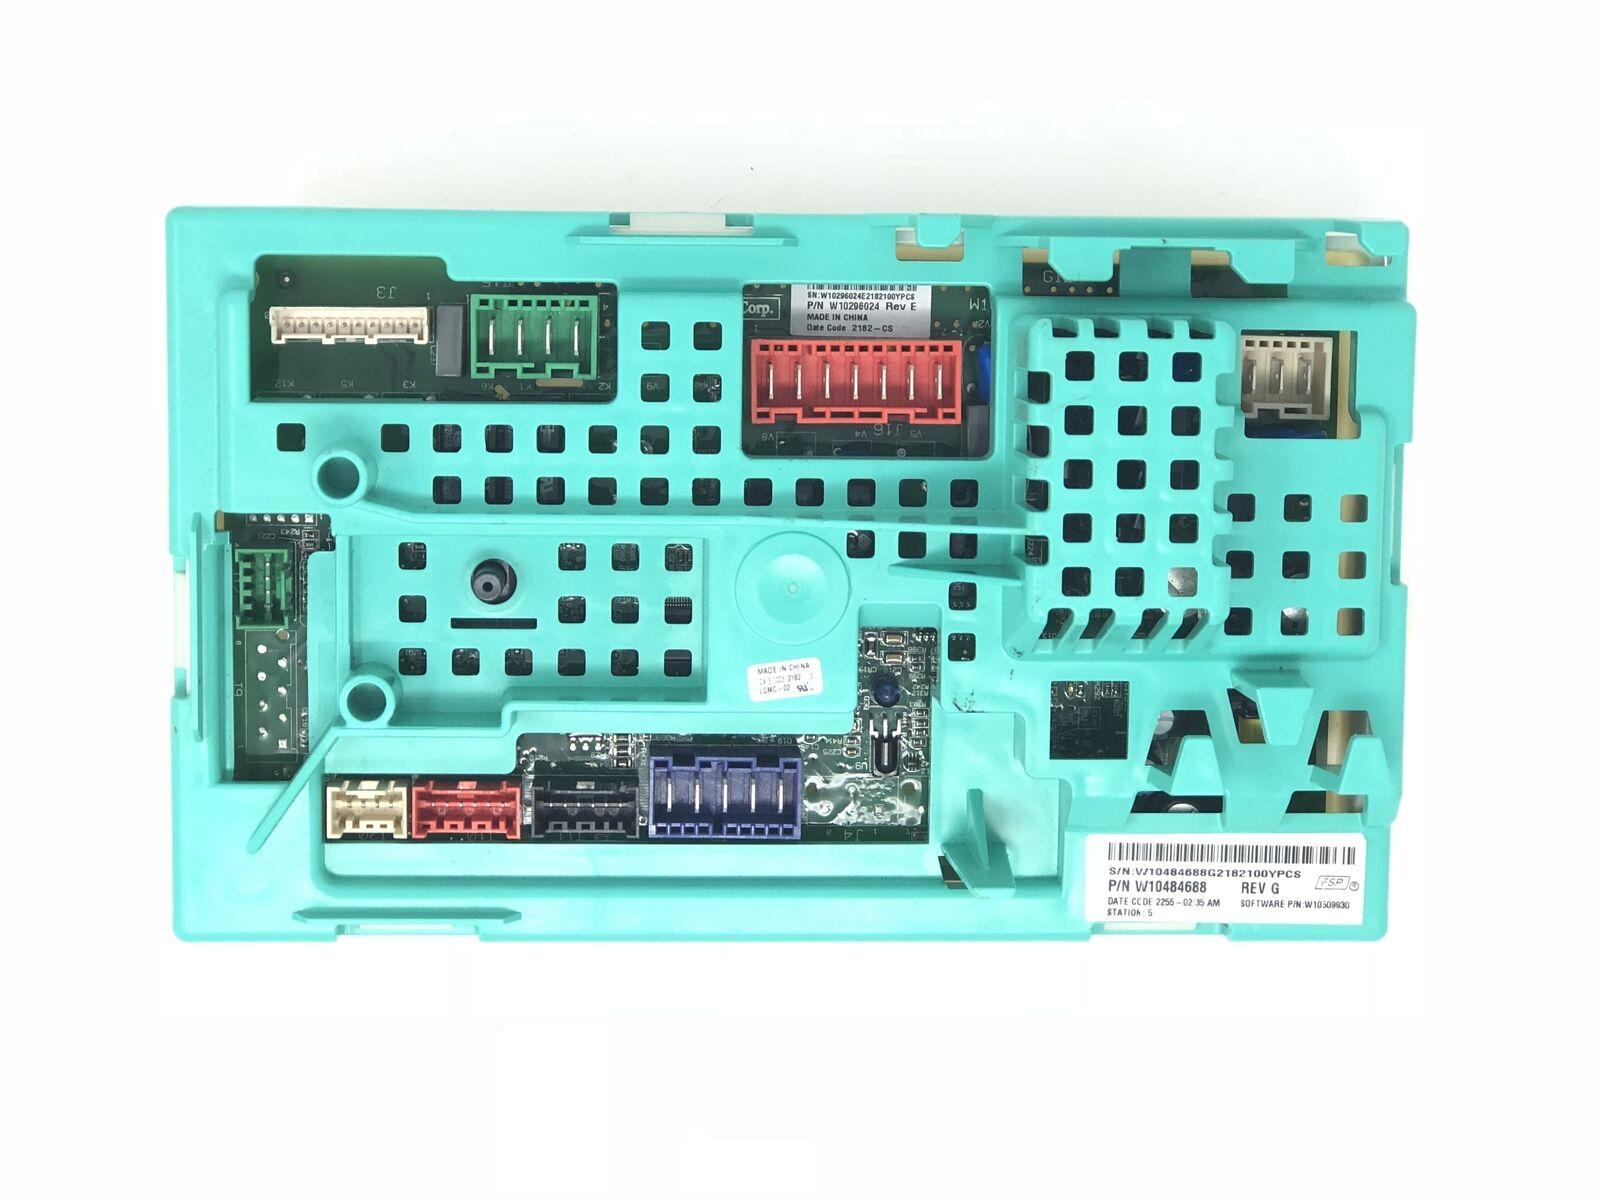 Whirlpool W10484688 Washing Machine Electronic Circuit Board